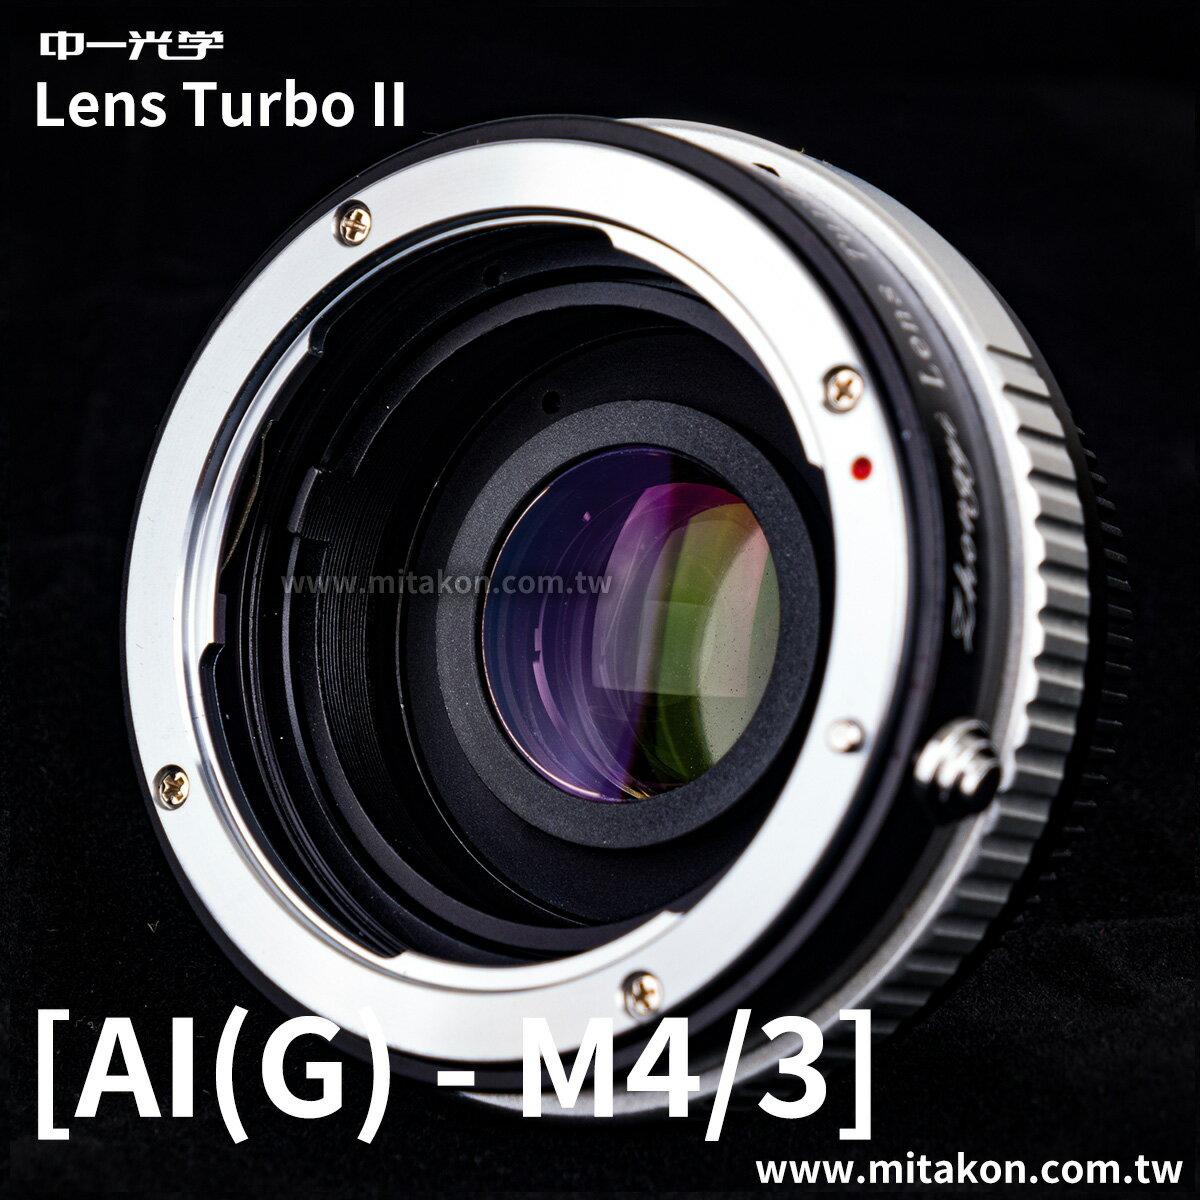 (減焦環限時特價)[享樂攝影] 中一光學Lens Turbo II 2代減焦環 Nikon G 轉 M4/3相機 Micro 4/3 M43 G鏡Ai F鏡 減焦增光環廣角轉接環 PEN-F GM5 ..